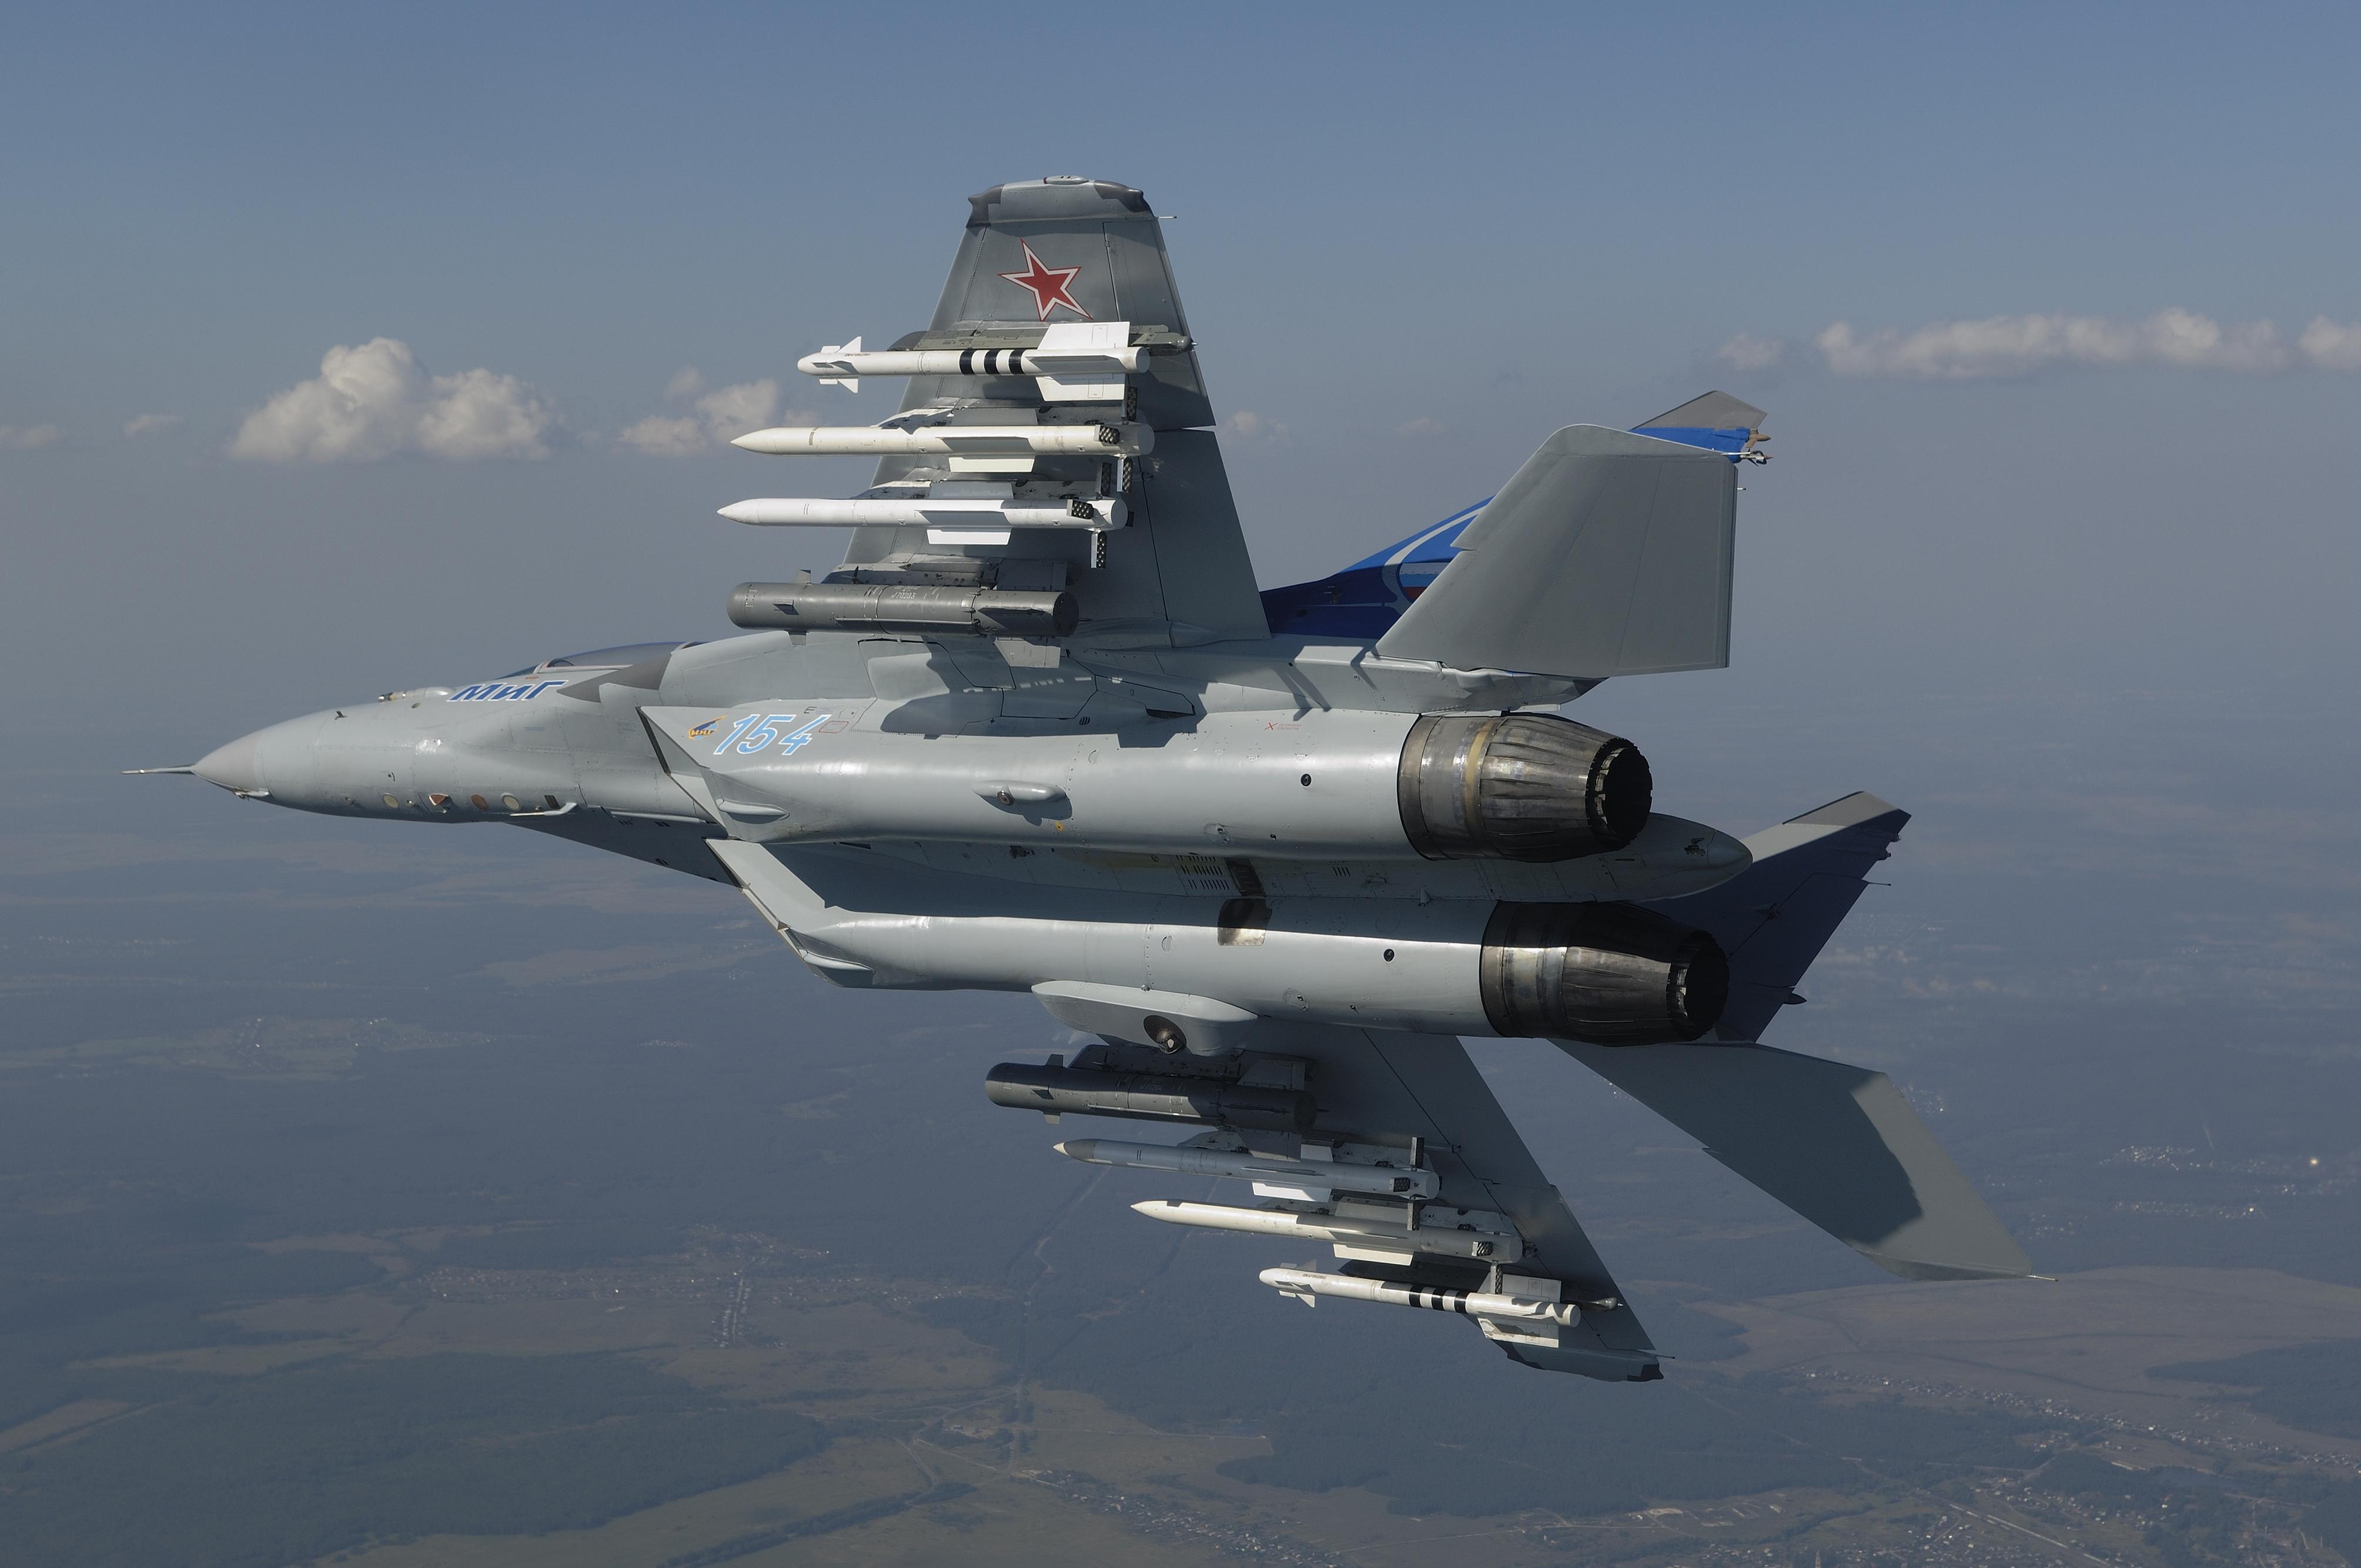 روسيا توافق على امداد مصر بعدد 46 مقاتله جيل رابع ++ من طراز ميج29  المطورة (MIG-35) - صفحة 3 308975-Sepik